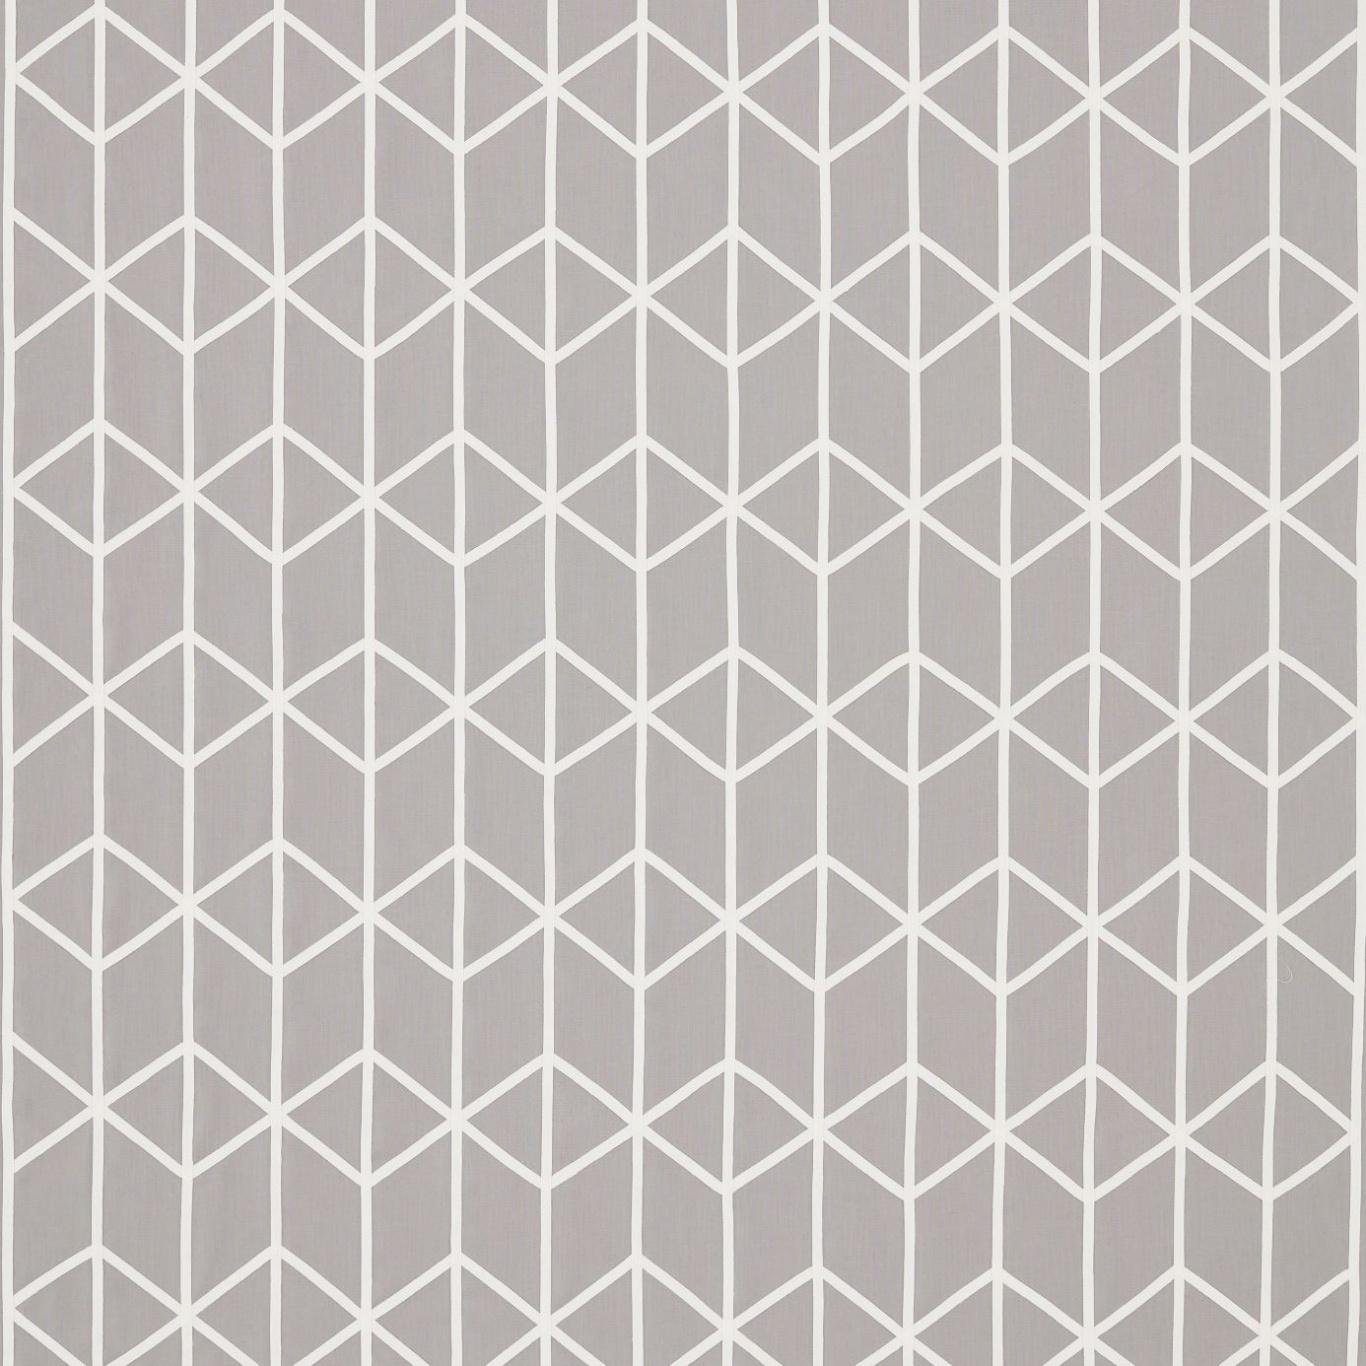 Image of Scion Nendo Graphite Curtain Fabric 131818